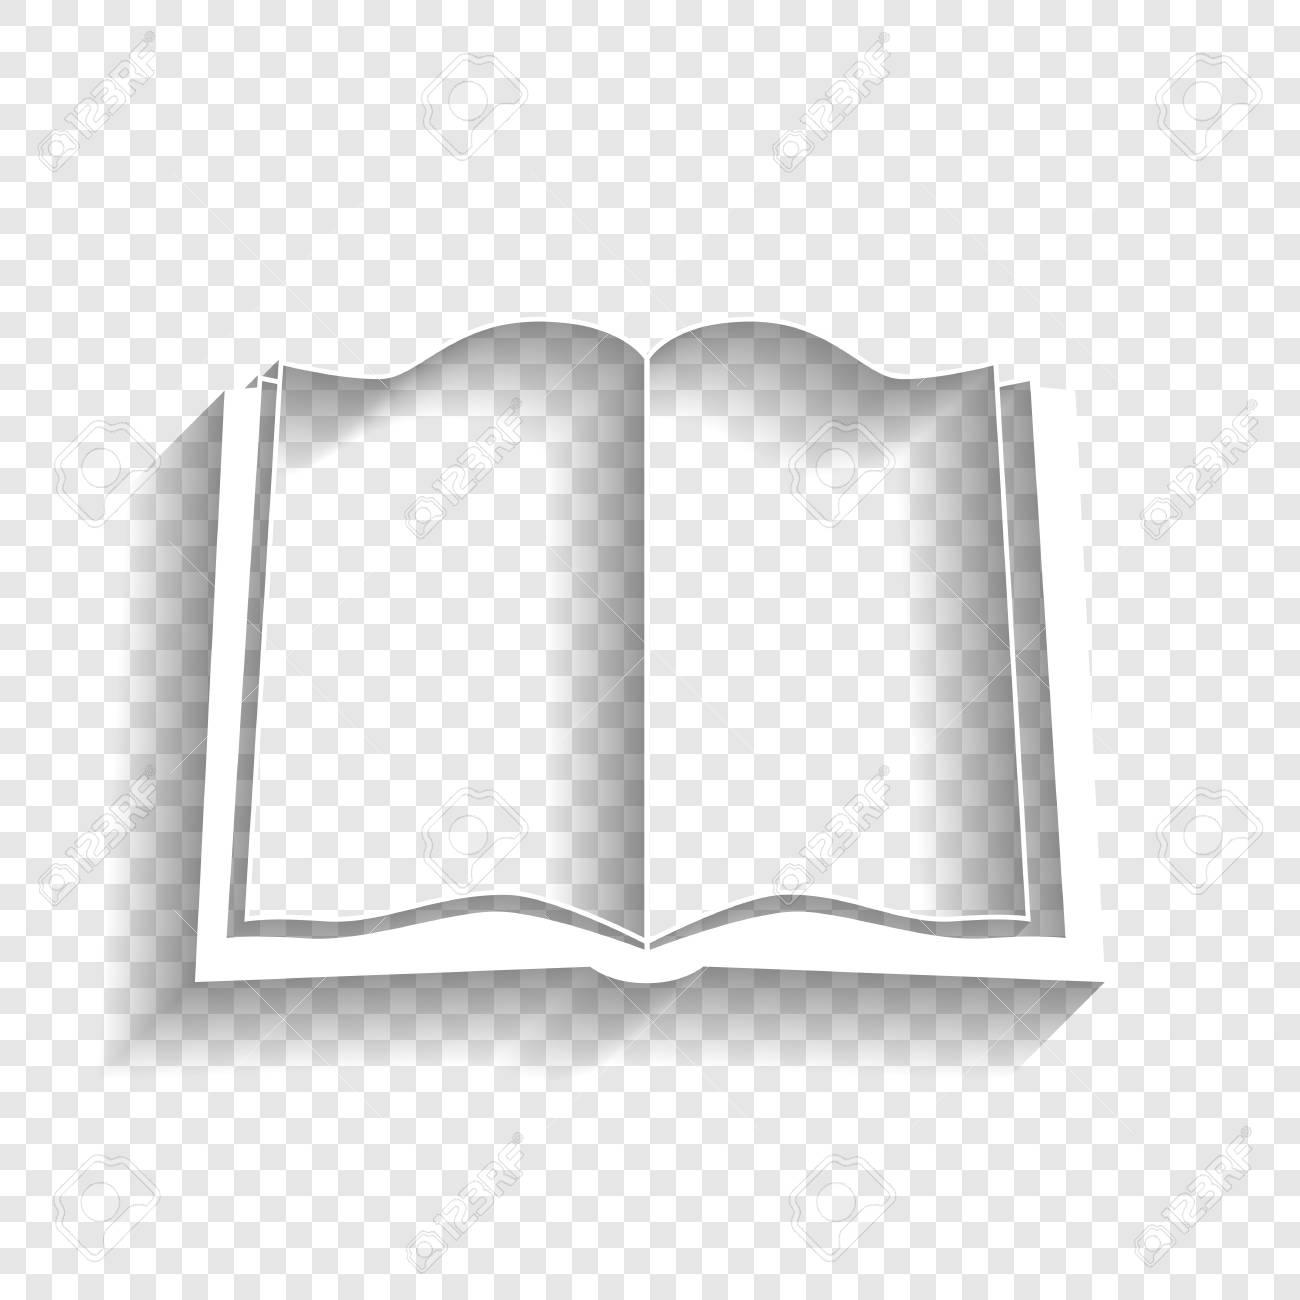 Signe Livre Blanc Vecteur Icone Avec L 39 Ombre Douce Sur Fond Transparent Vecteur